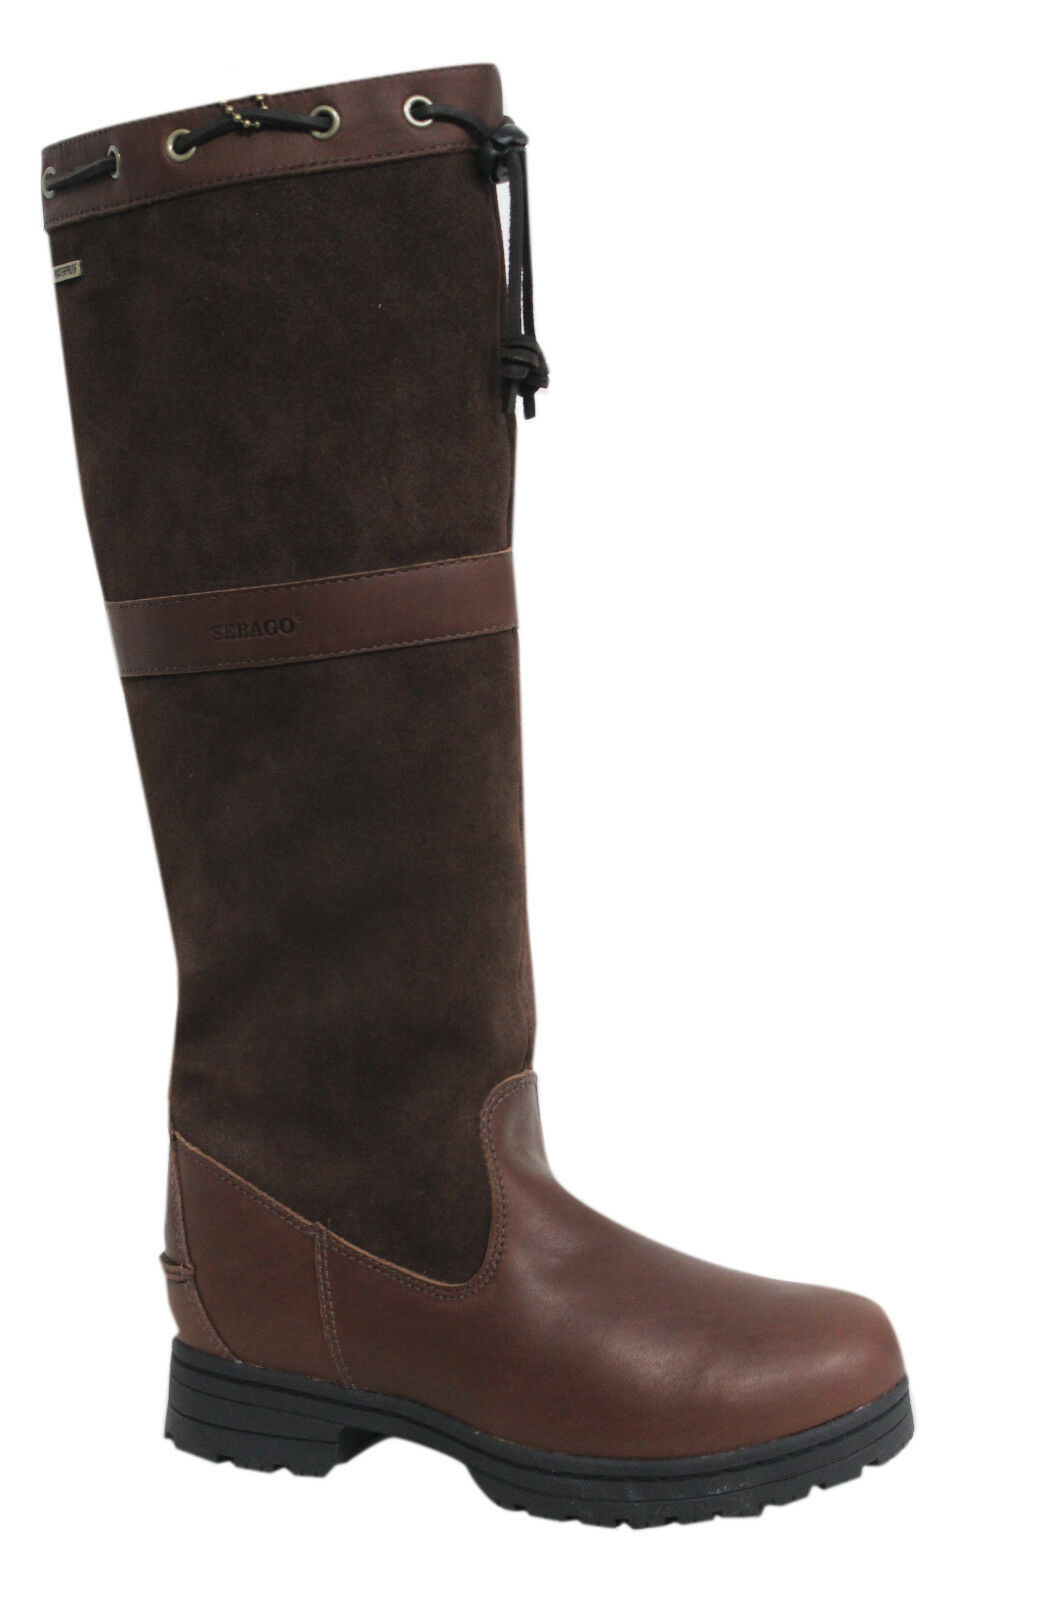 Grandes zapatos con descuento Sebago Dorset Sin Cordones Cuero Marrón Damas Invierno Botas Impermeables b51200